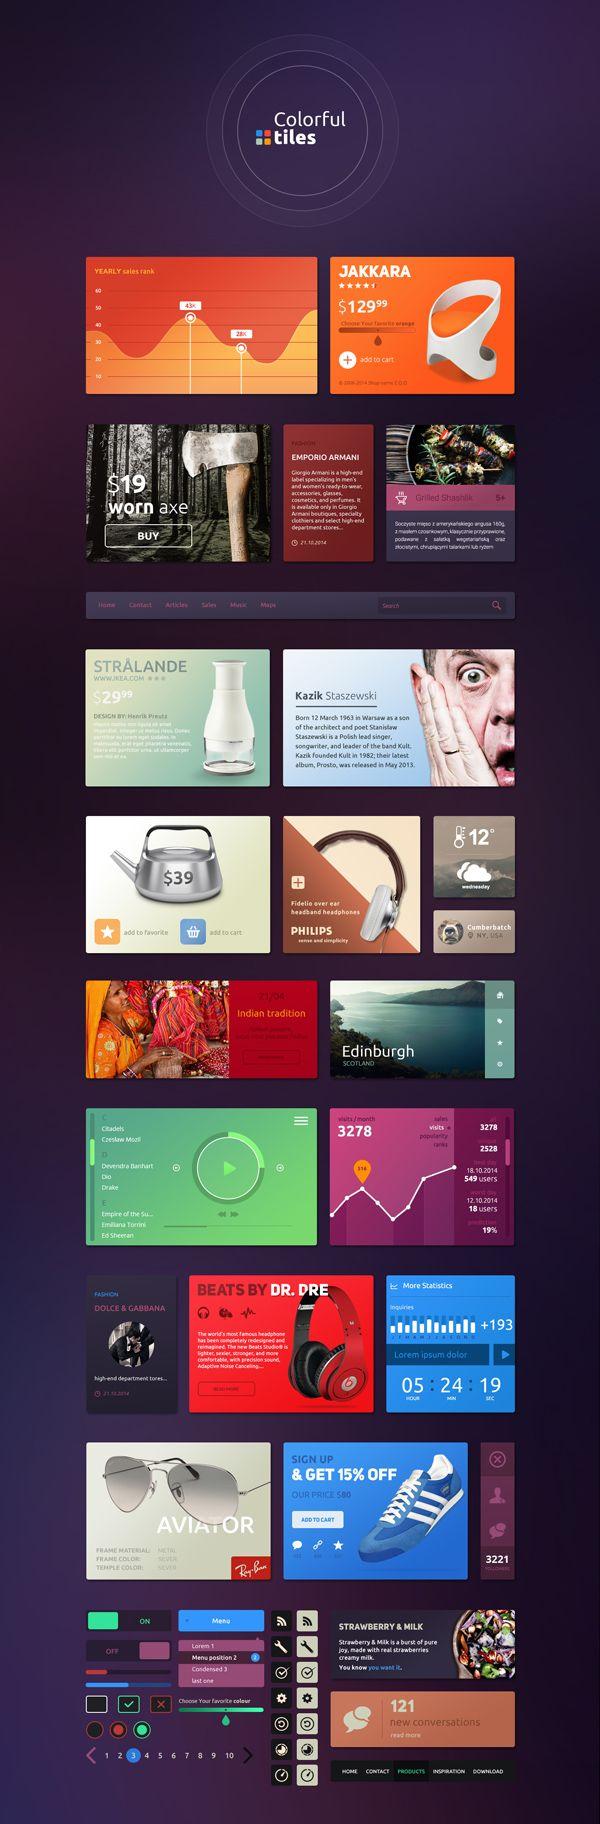 93 best images about ux tile based design on pinterest for Tile layout app